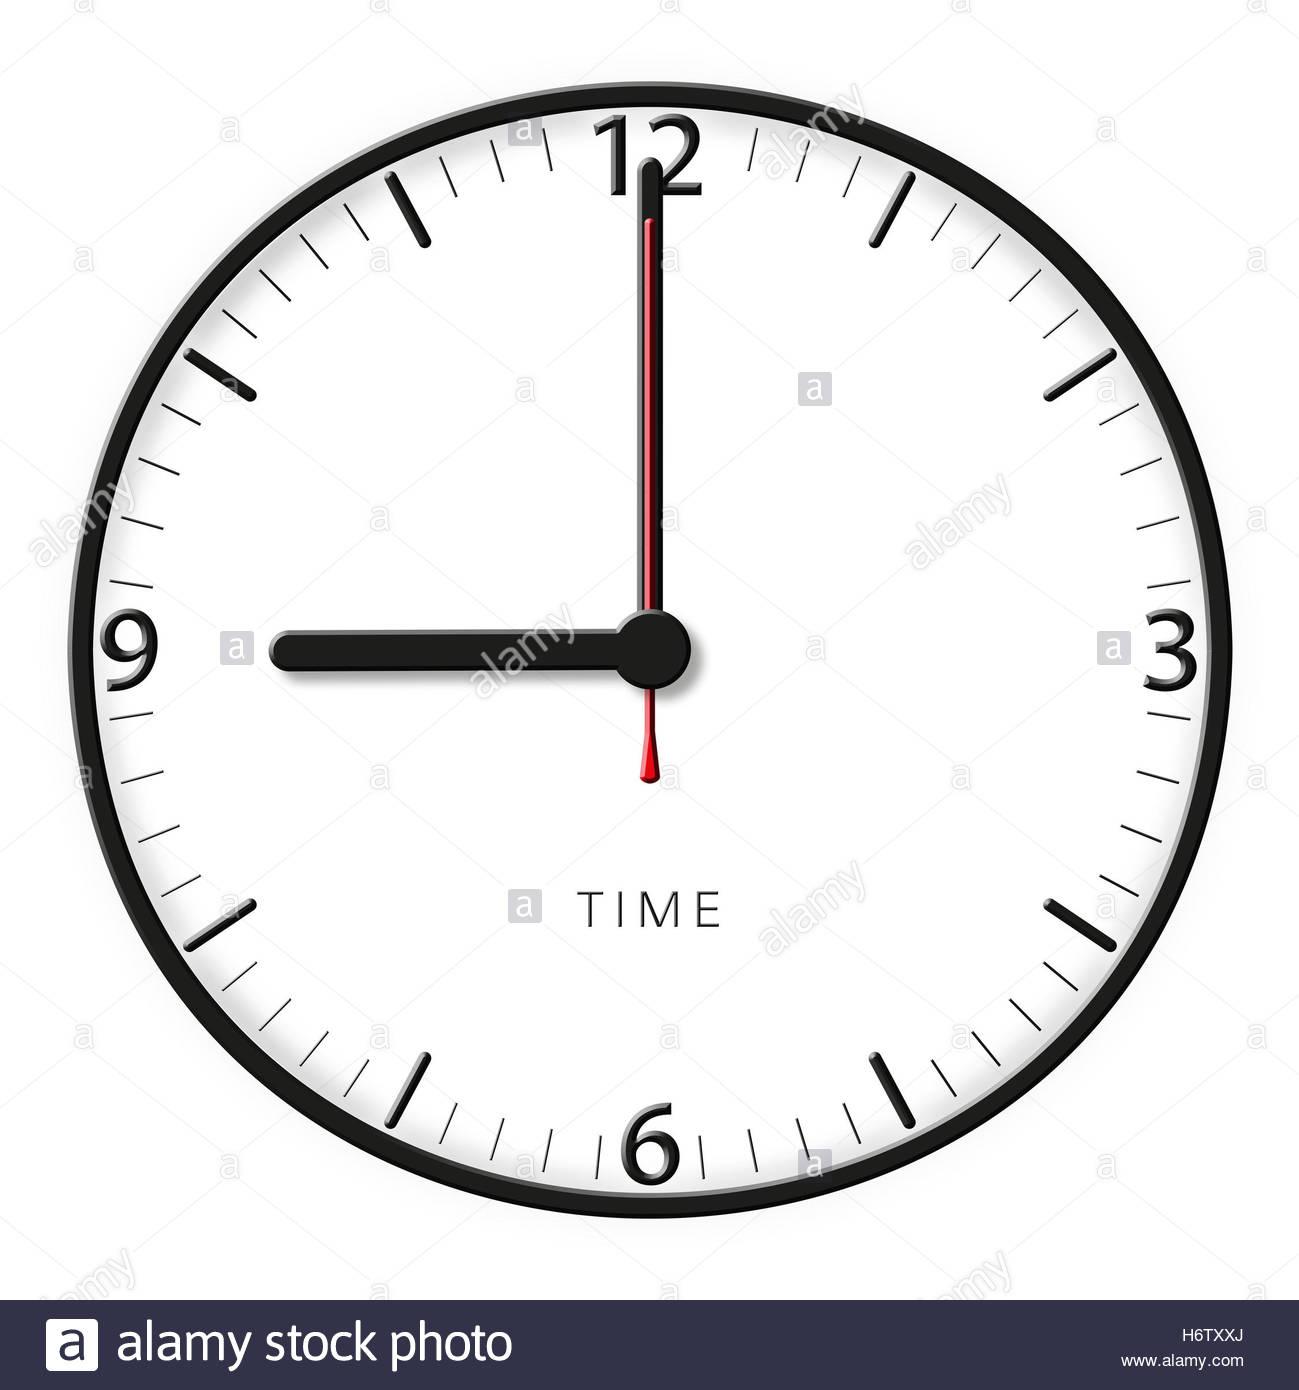 Pointeur D'horloge Temps Secondes Minutes Heures Pommes dedans Dessin D Horloge